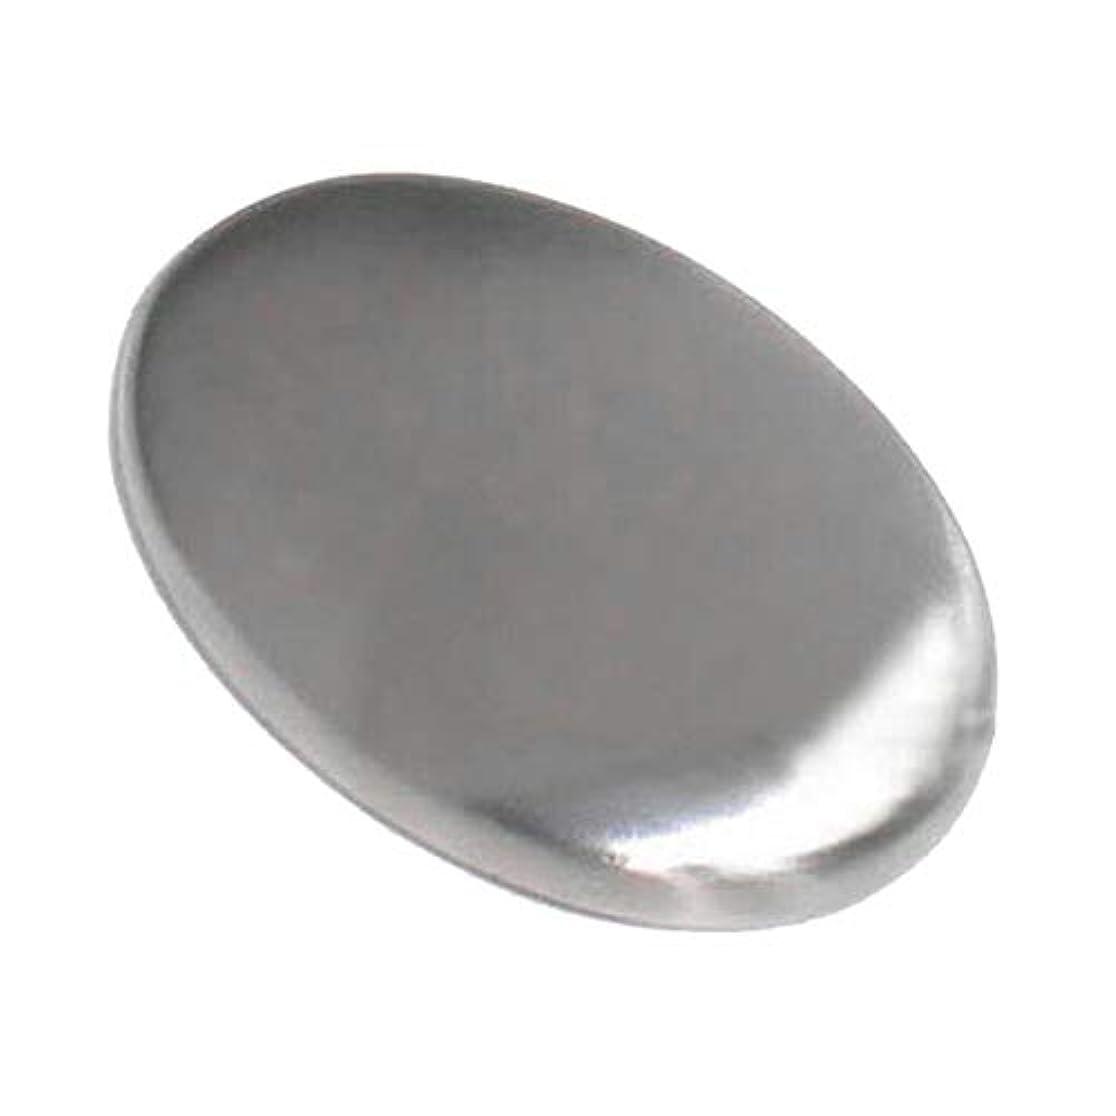 証言計り知れない侮辱Hillrong ステンレスソープ ステンレス石鹸 においとりソープ 円形 臭い取り 異臭を取り除く 台所用具